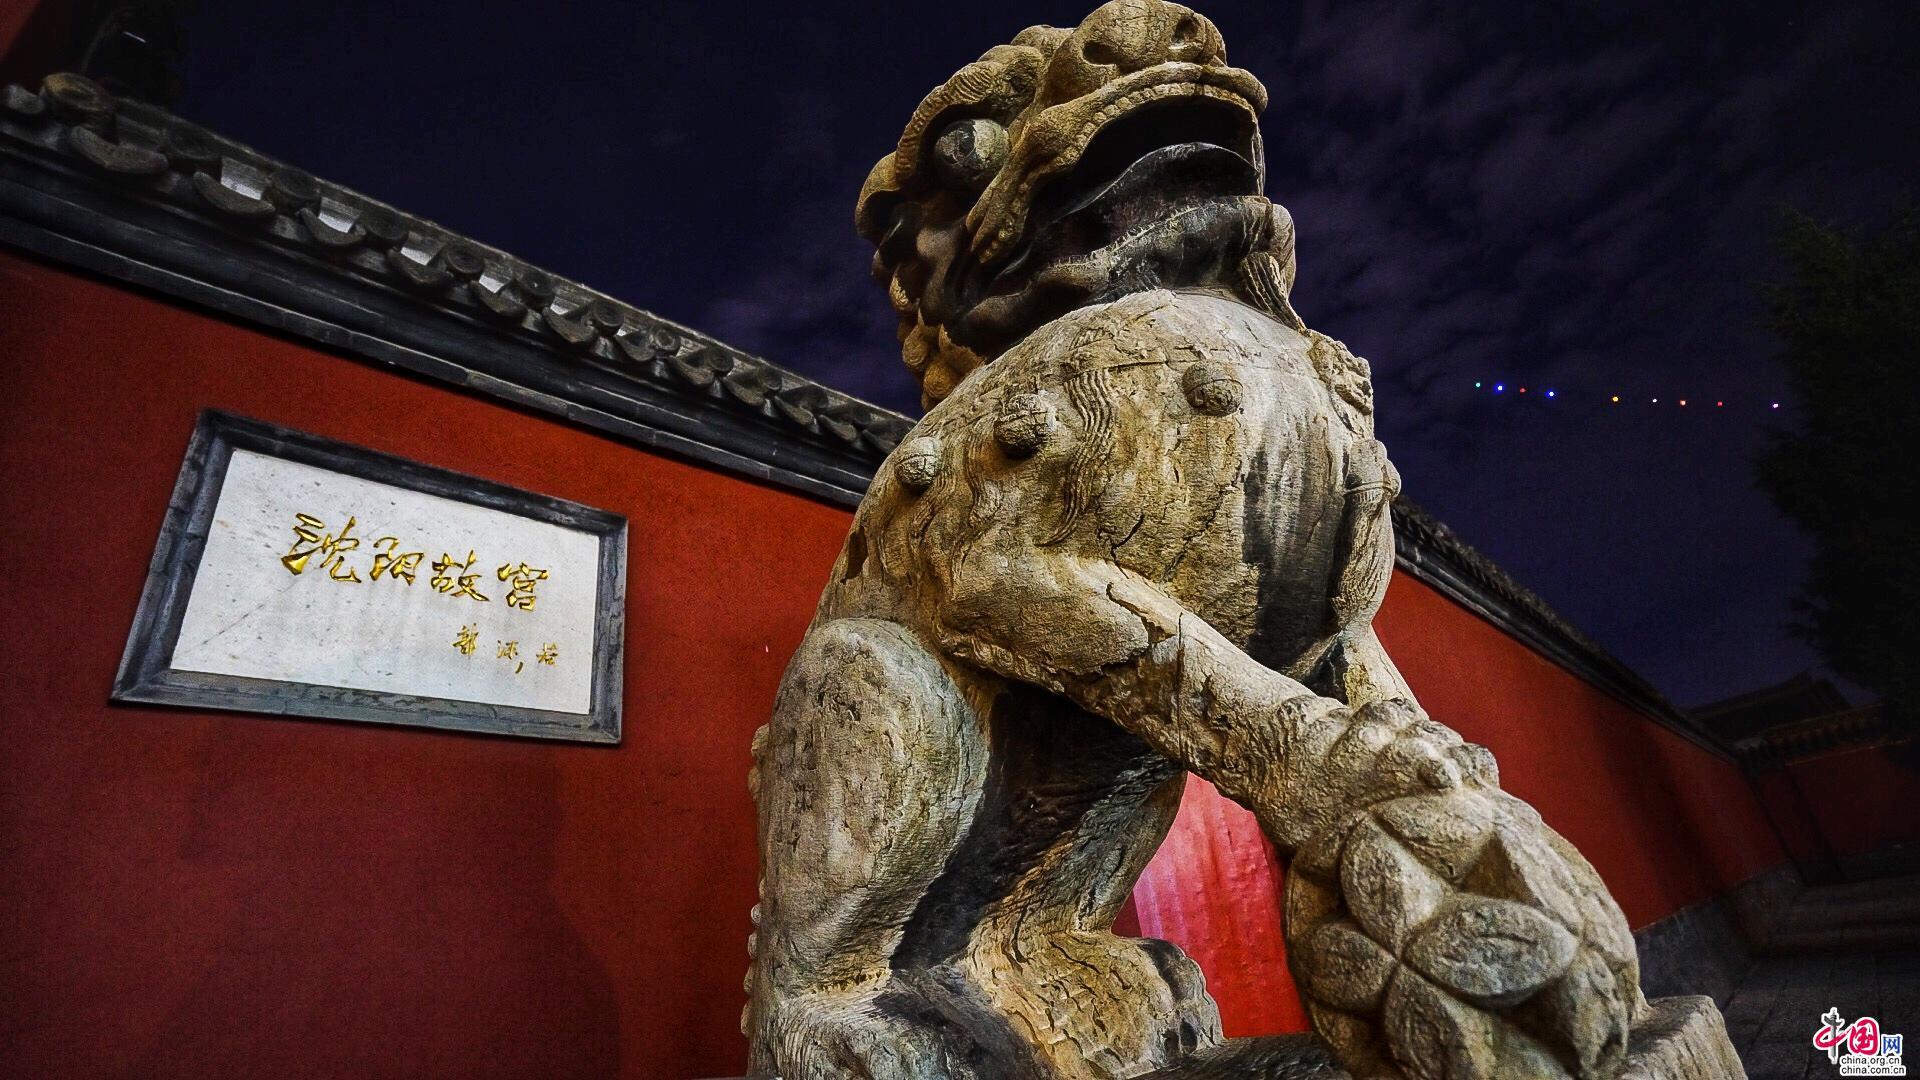 感受旗袍文化 沈阳故宫珍藏清宫旗袍展18日举办